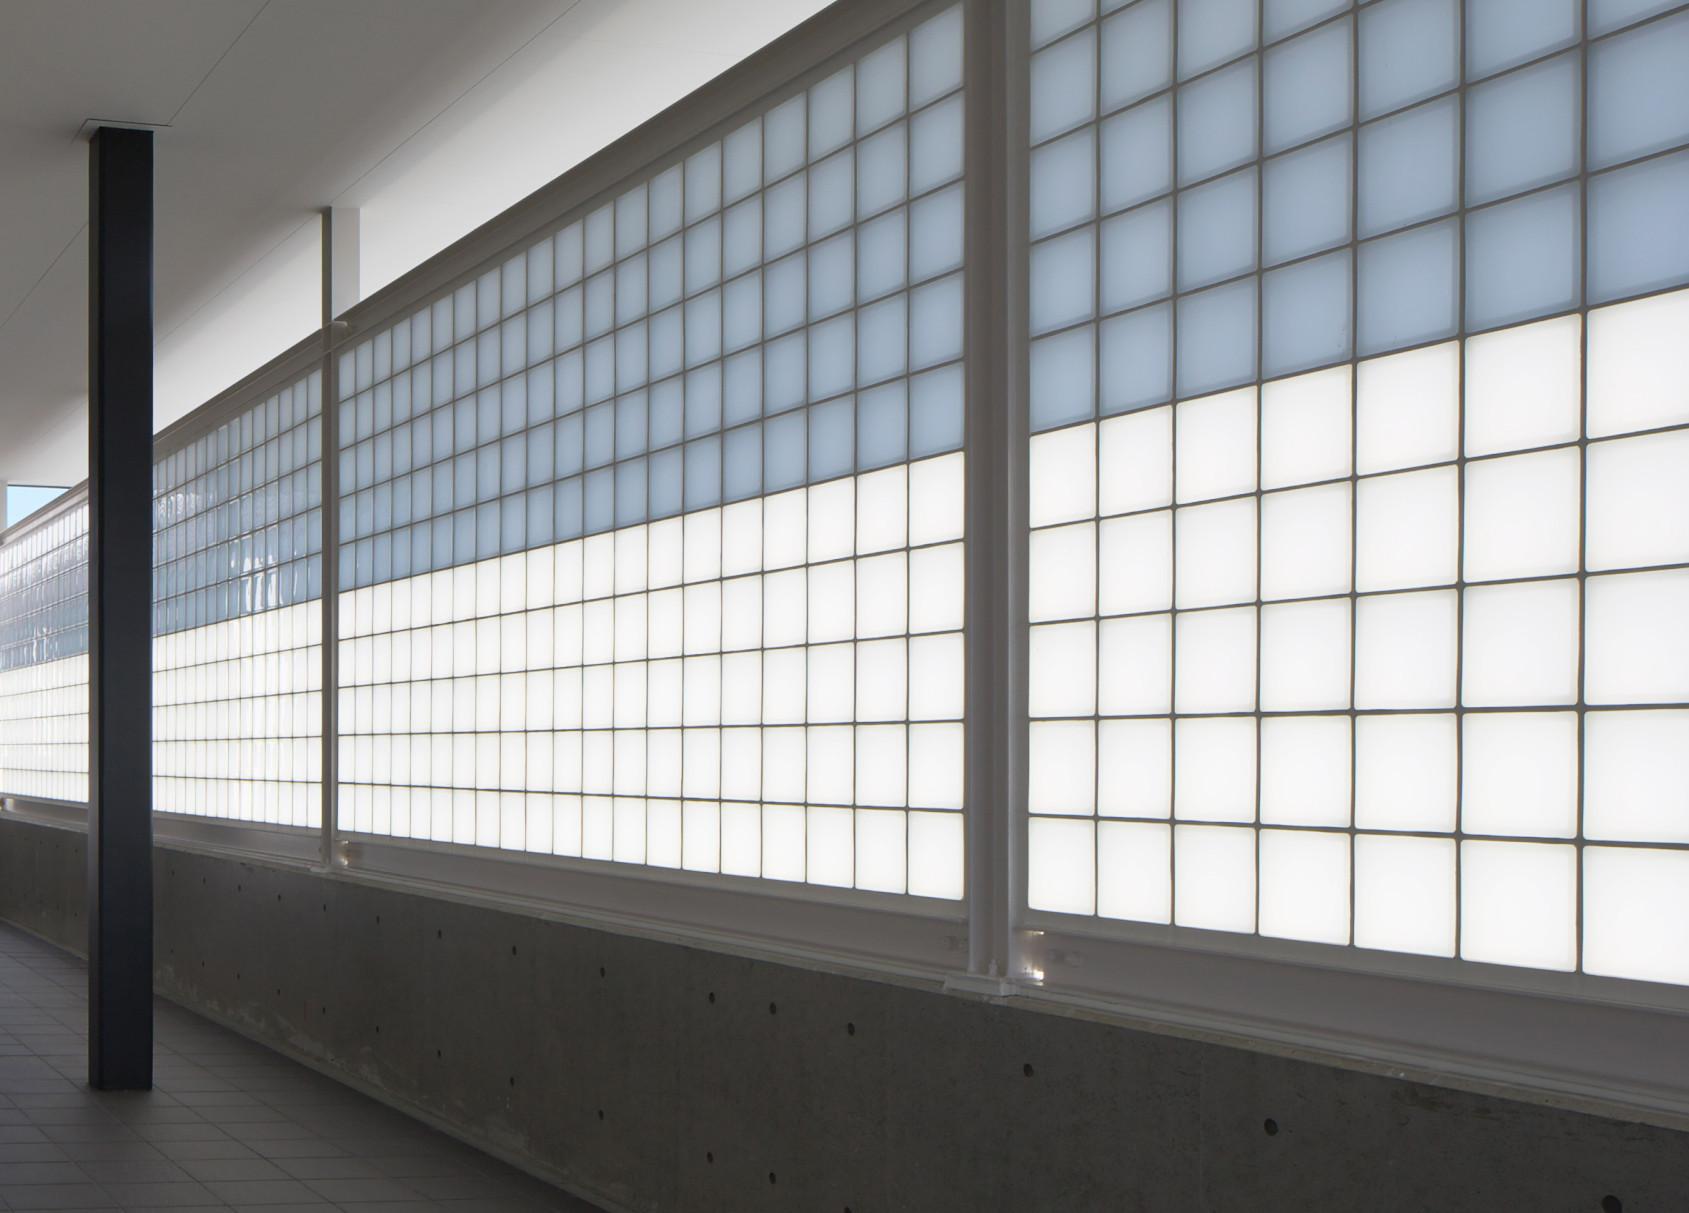 やわらかく光がさすエントランスの建築事例写真